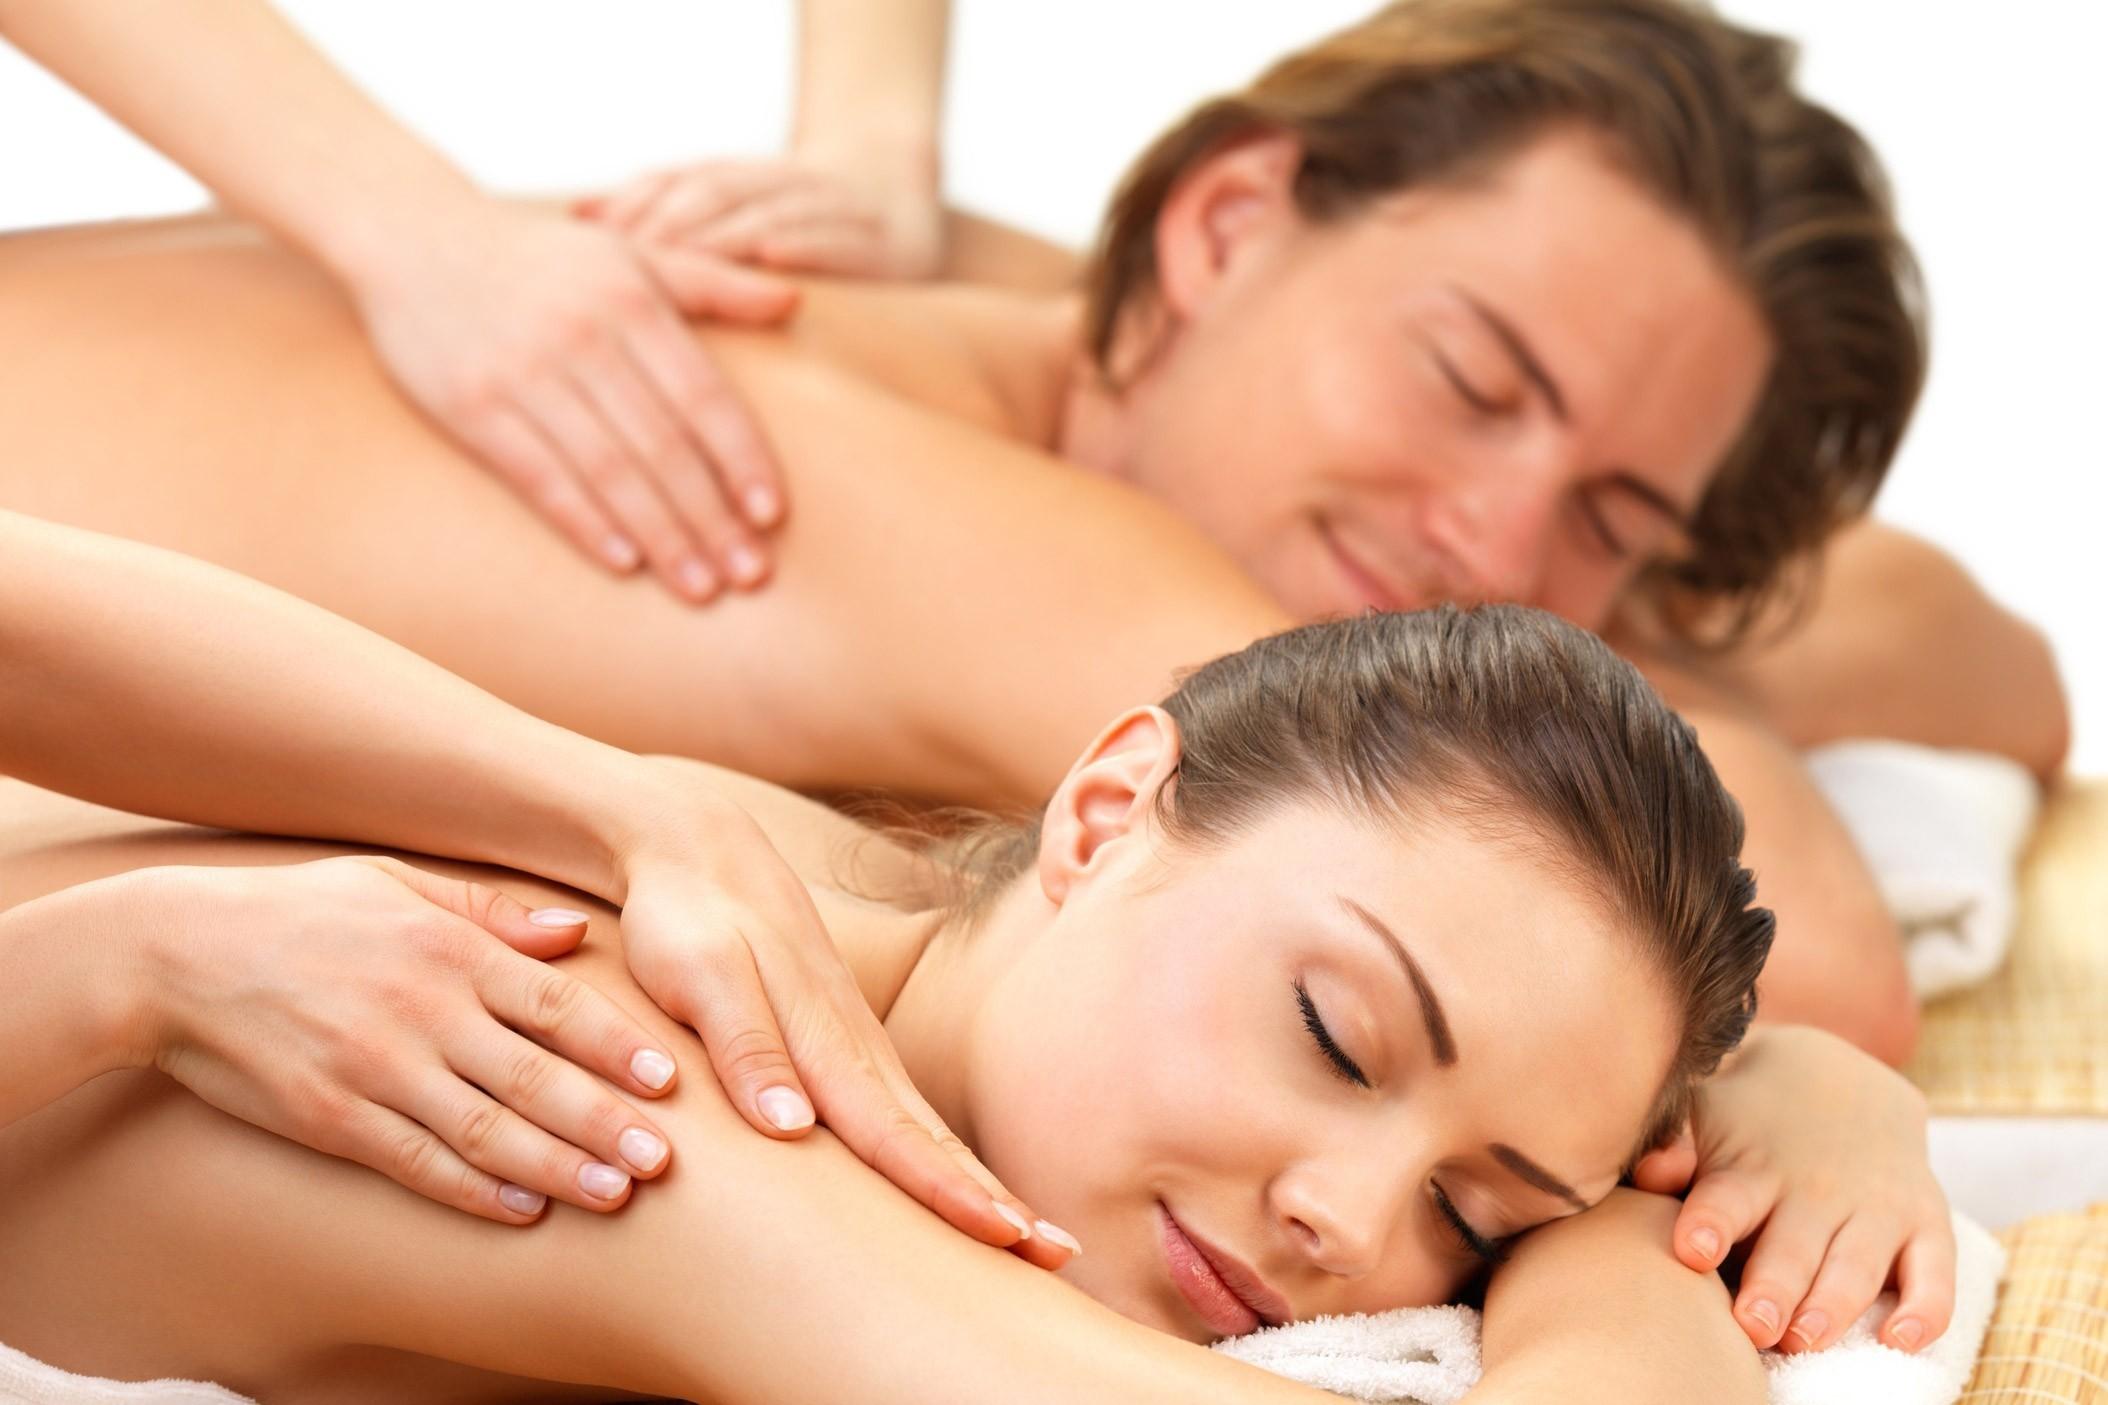 Speciale San Valentino! Massaggio di coppia da 45 minuti presso l'Estetica San Lorenzo nella centralissima via San Lorenzo!